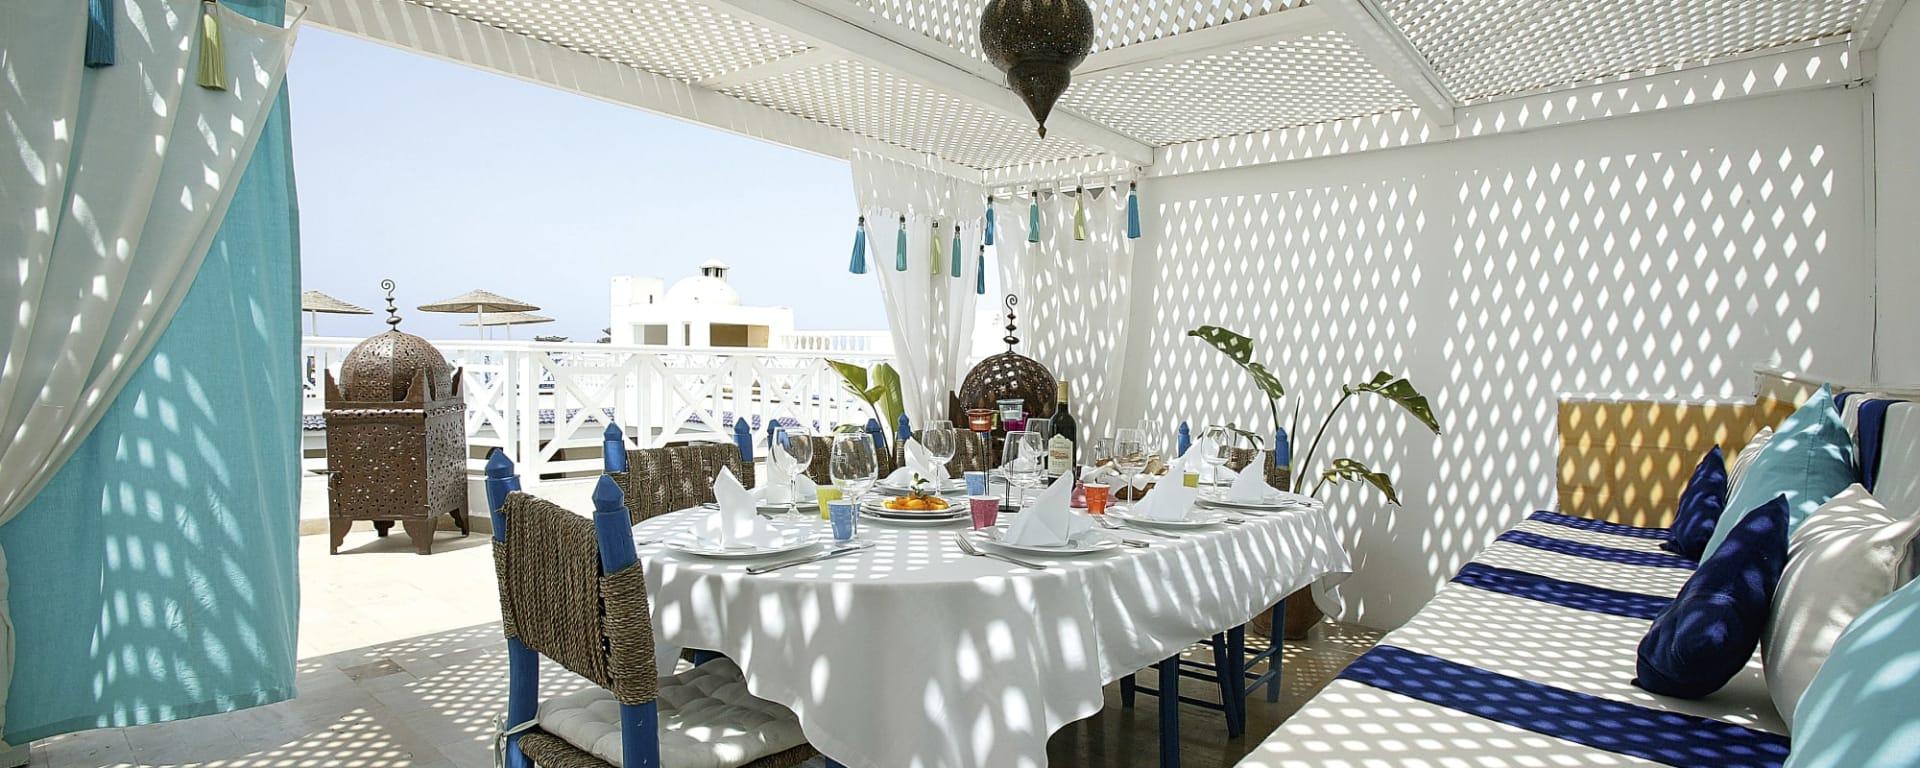 Dar L'Oussia in Essaouira: Marokko Dar L Oussia